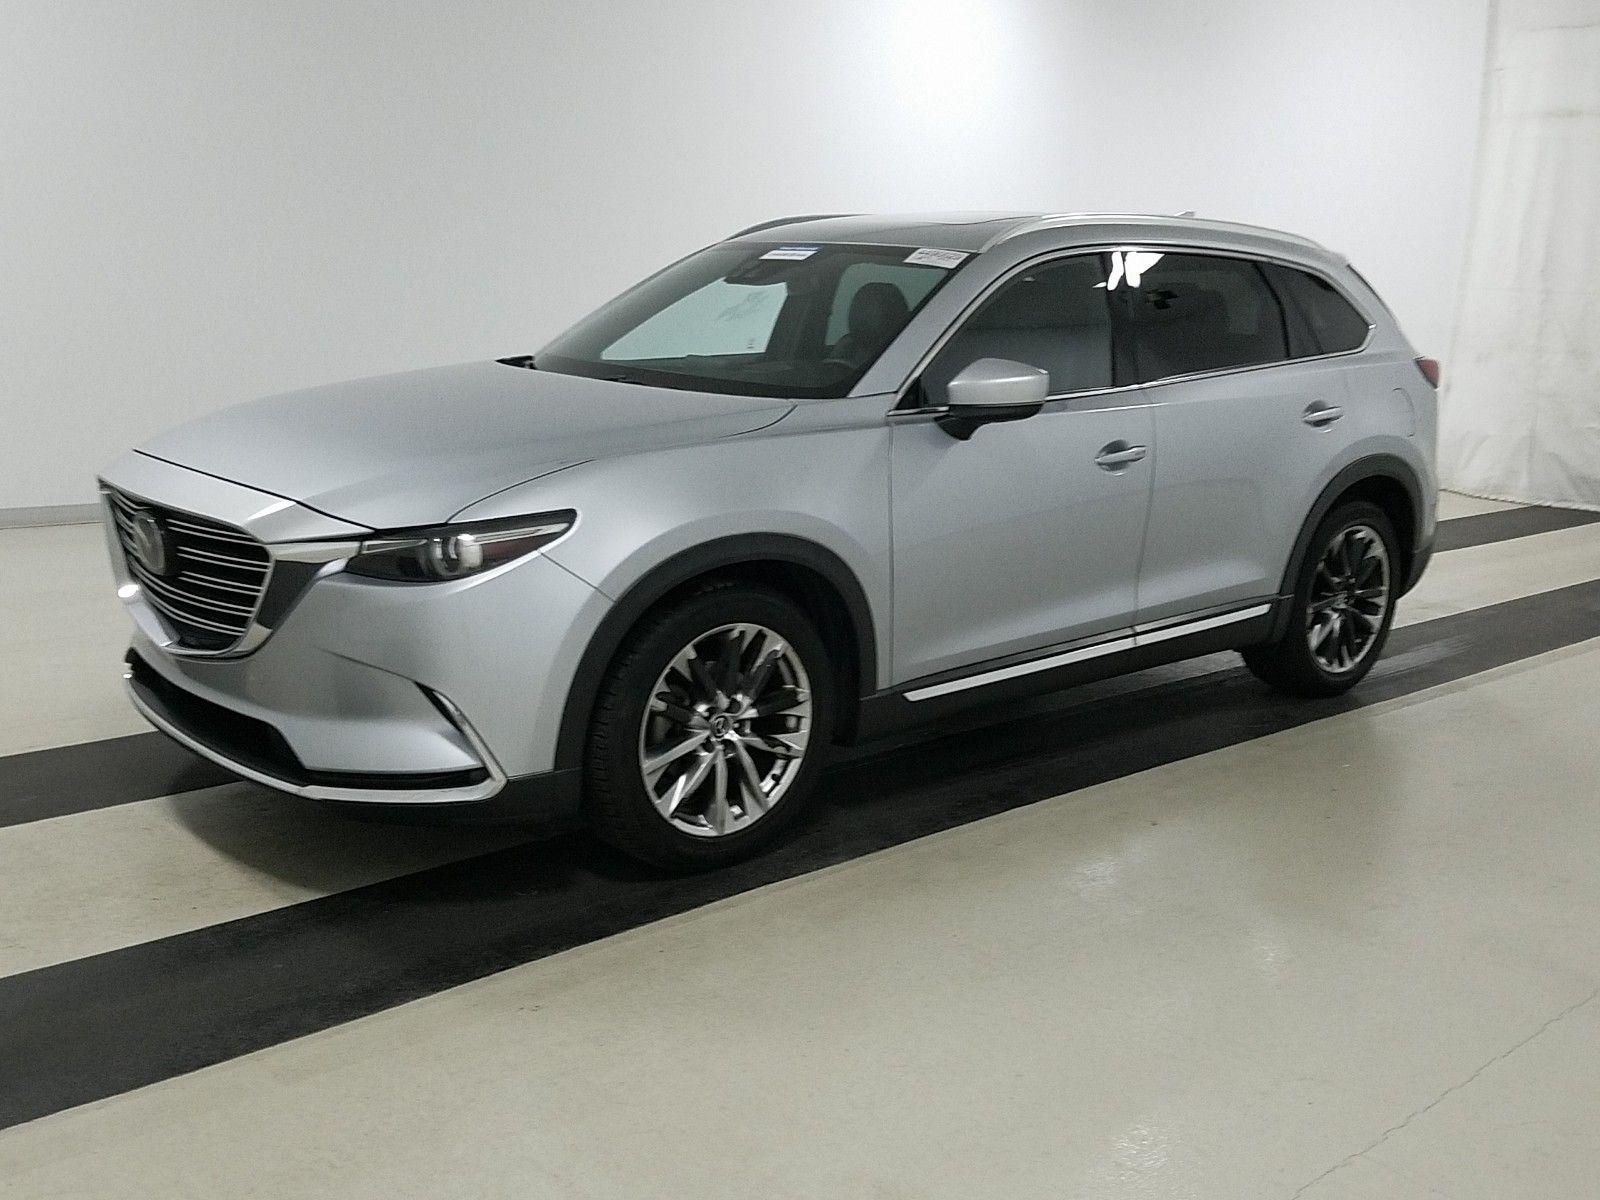 2016 Mazda Cx-9 2.5. Lot 99915925273 Vin JM3TCADY2G0108115